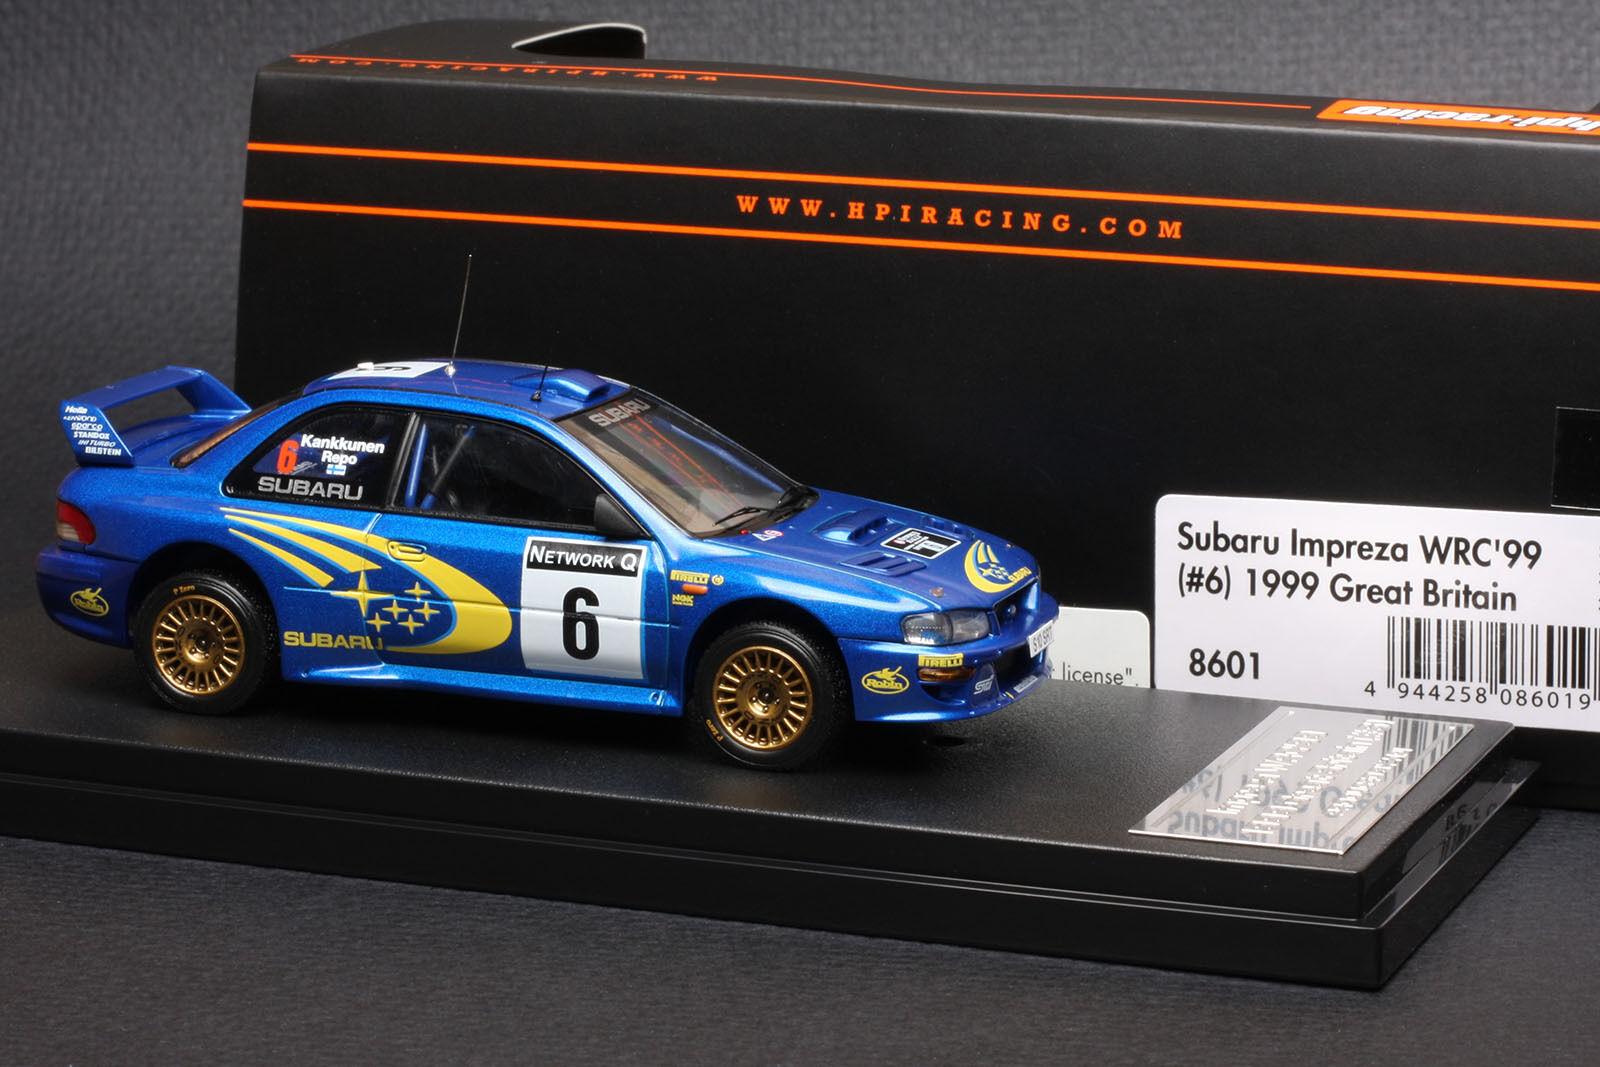 popular Subaru Impreza Rally    6 1999 GB   Juha Kankkunen -- Hpi  8601 1 43  A la venta con descuento del 70%.